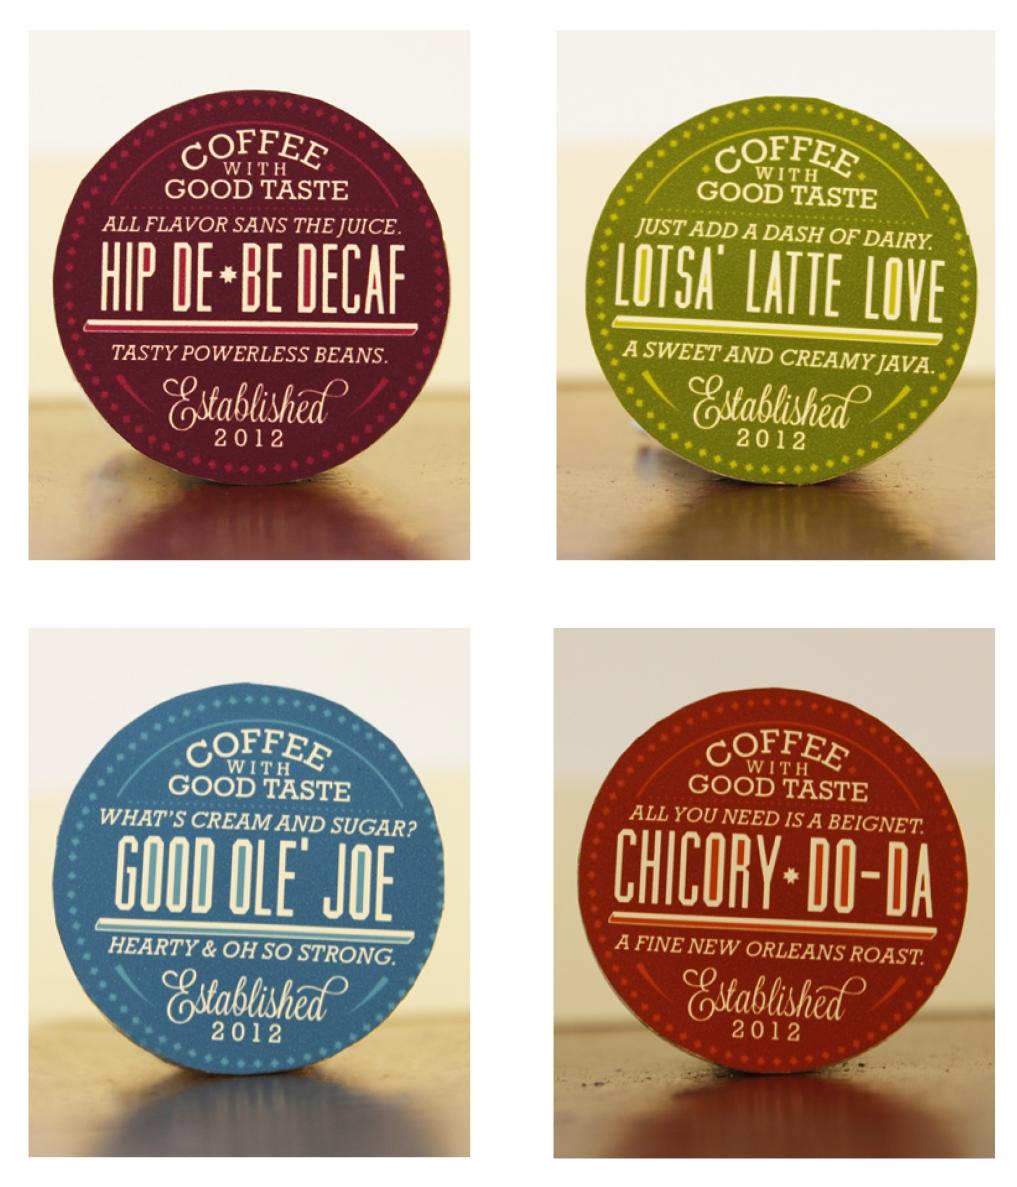 CoffeeWithGoodTaste-Behance3.jpg